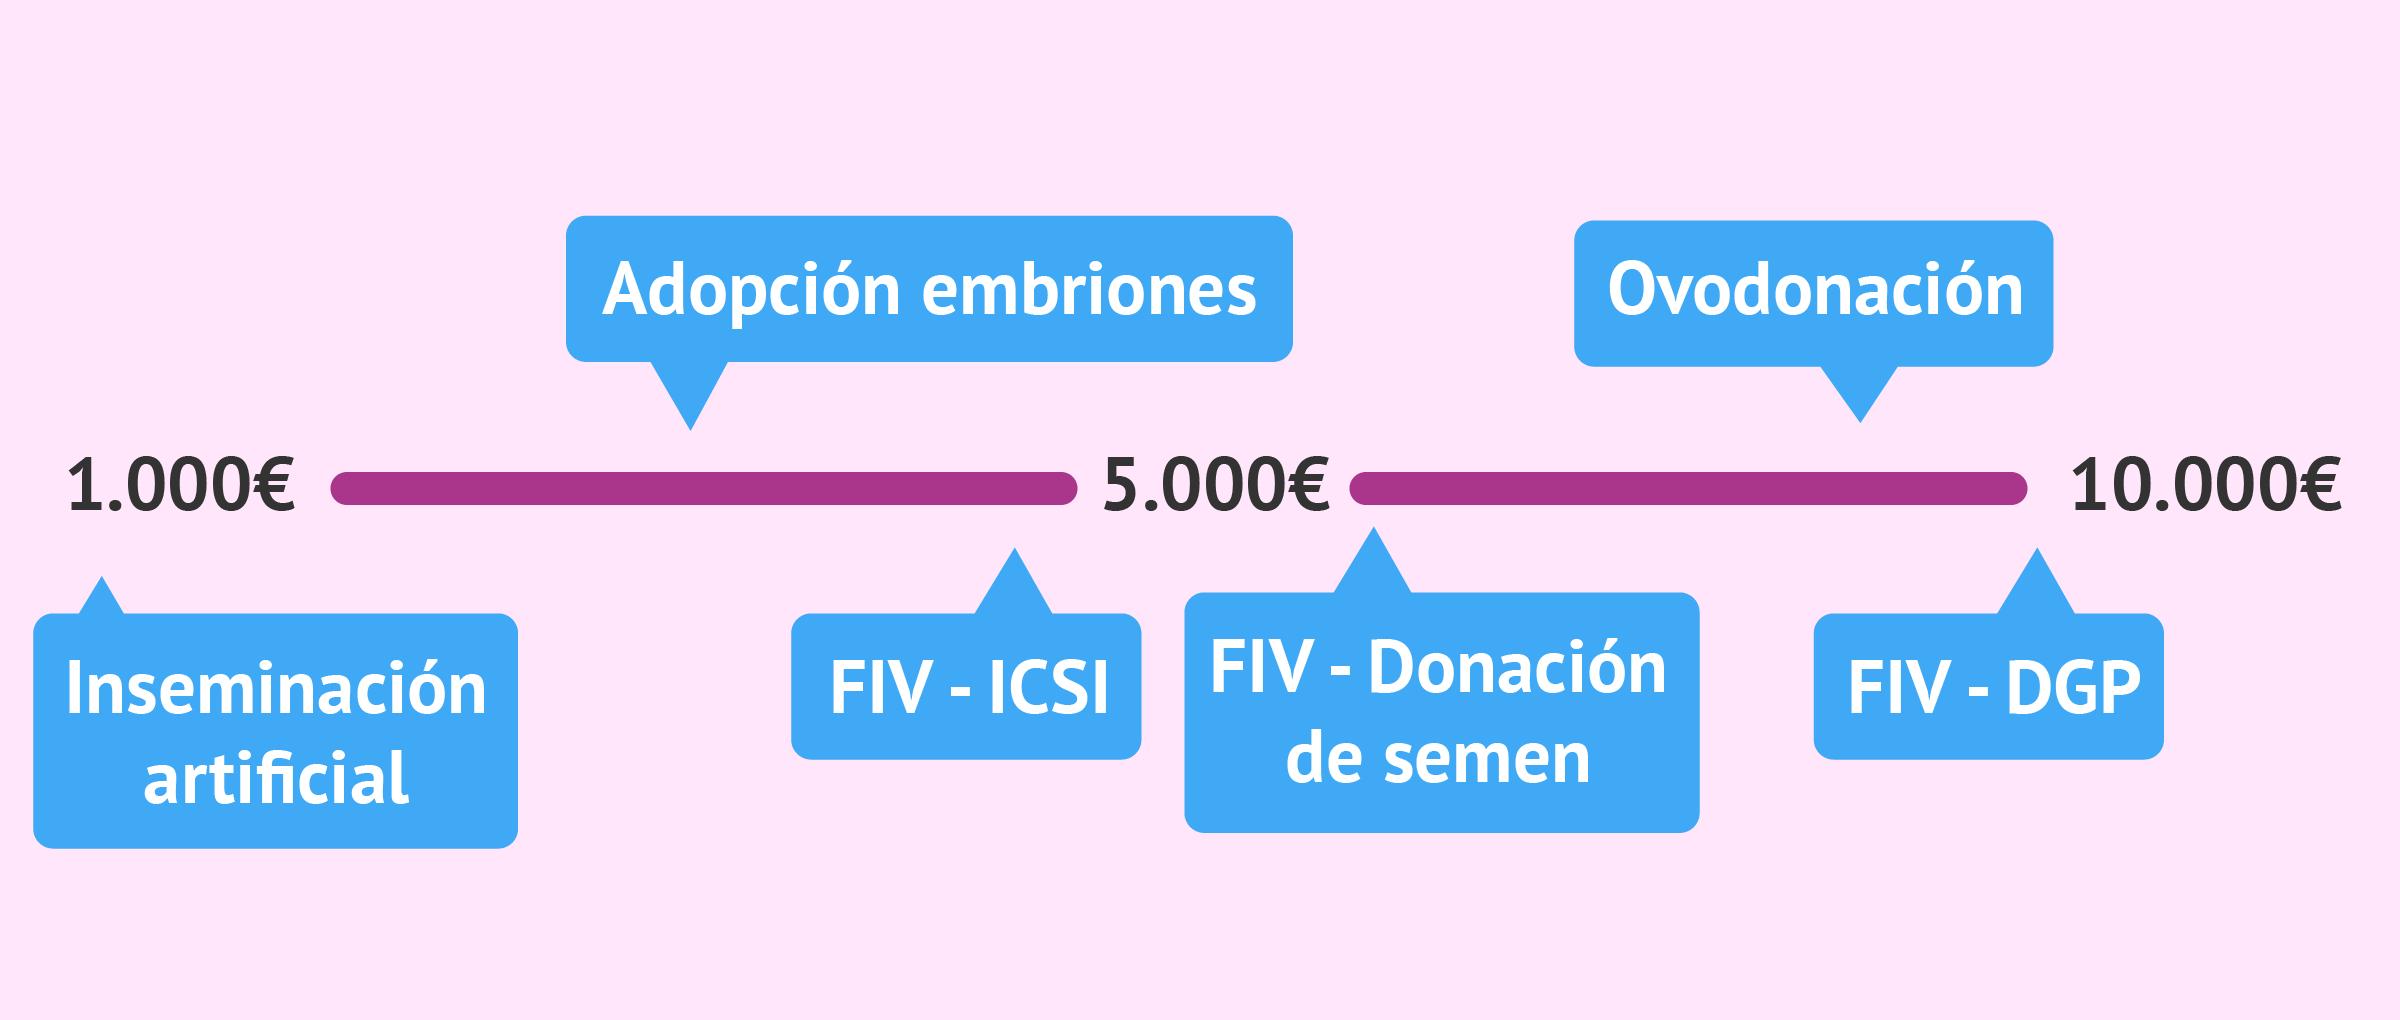 Precios de los tratamientos de fertilidad